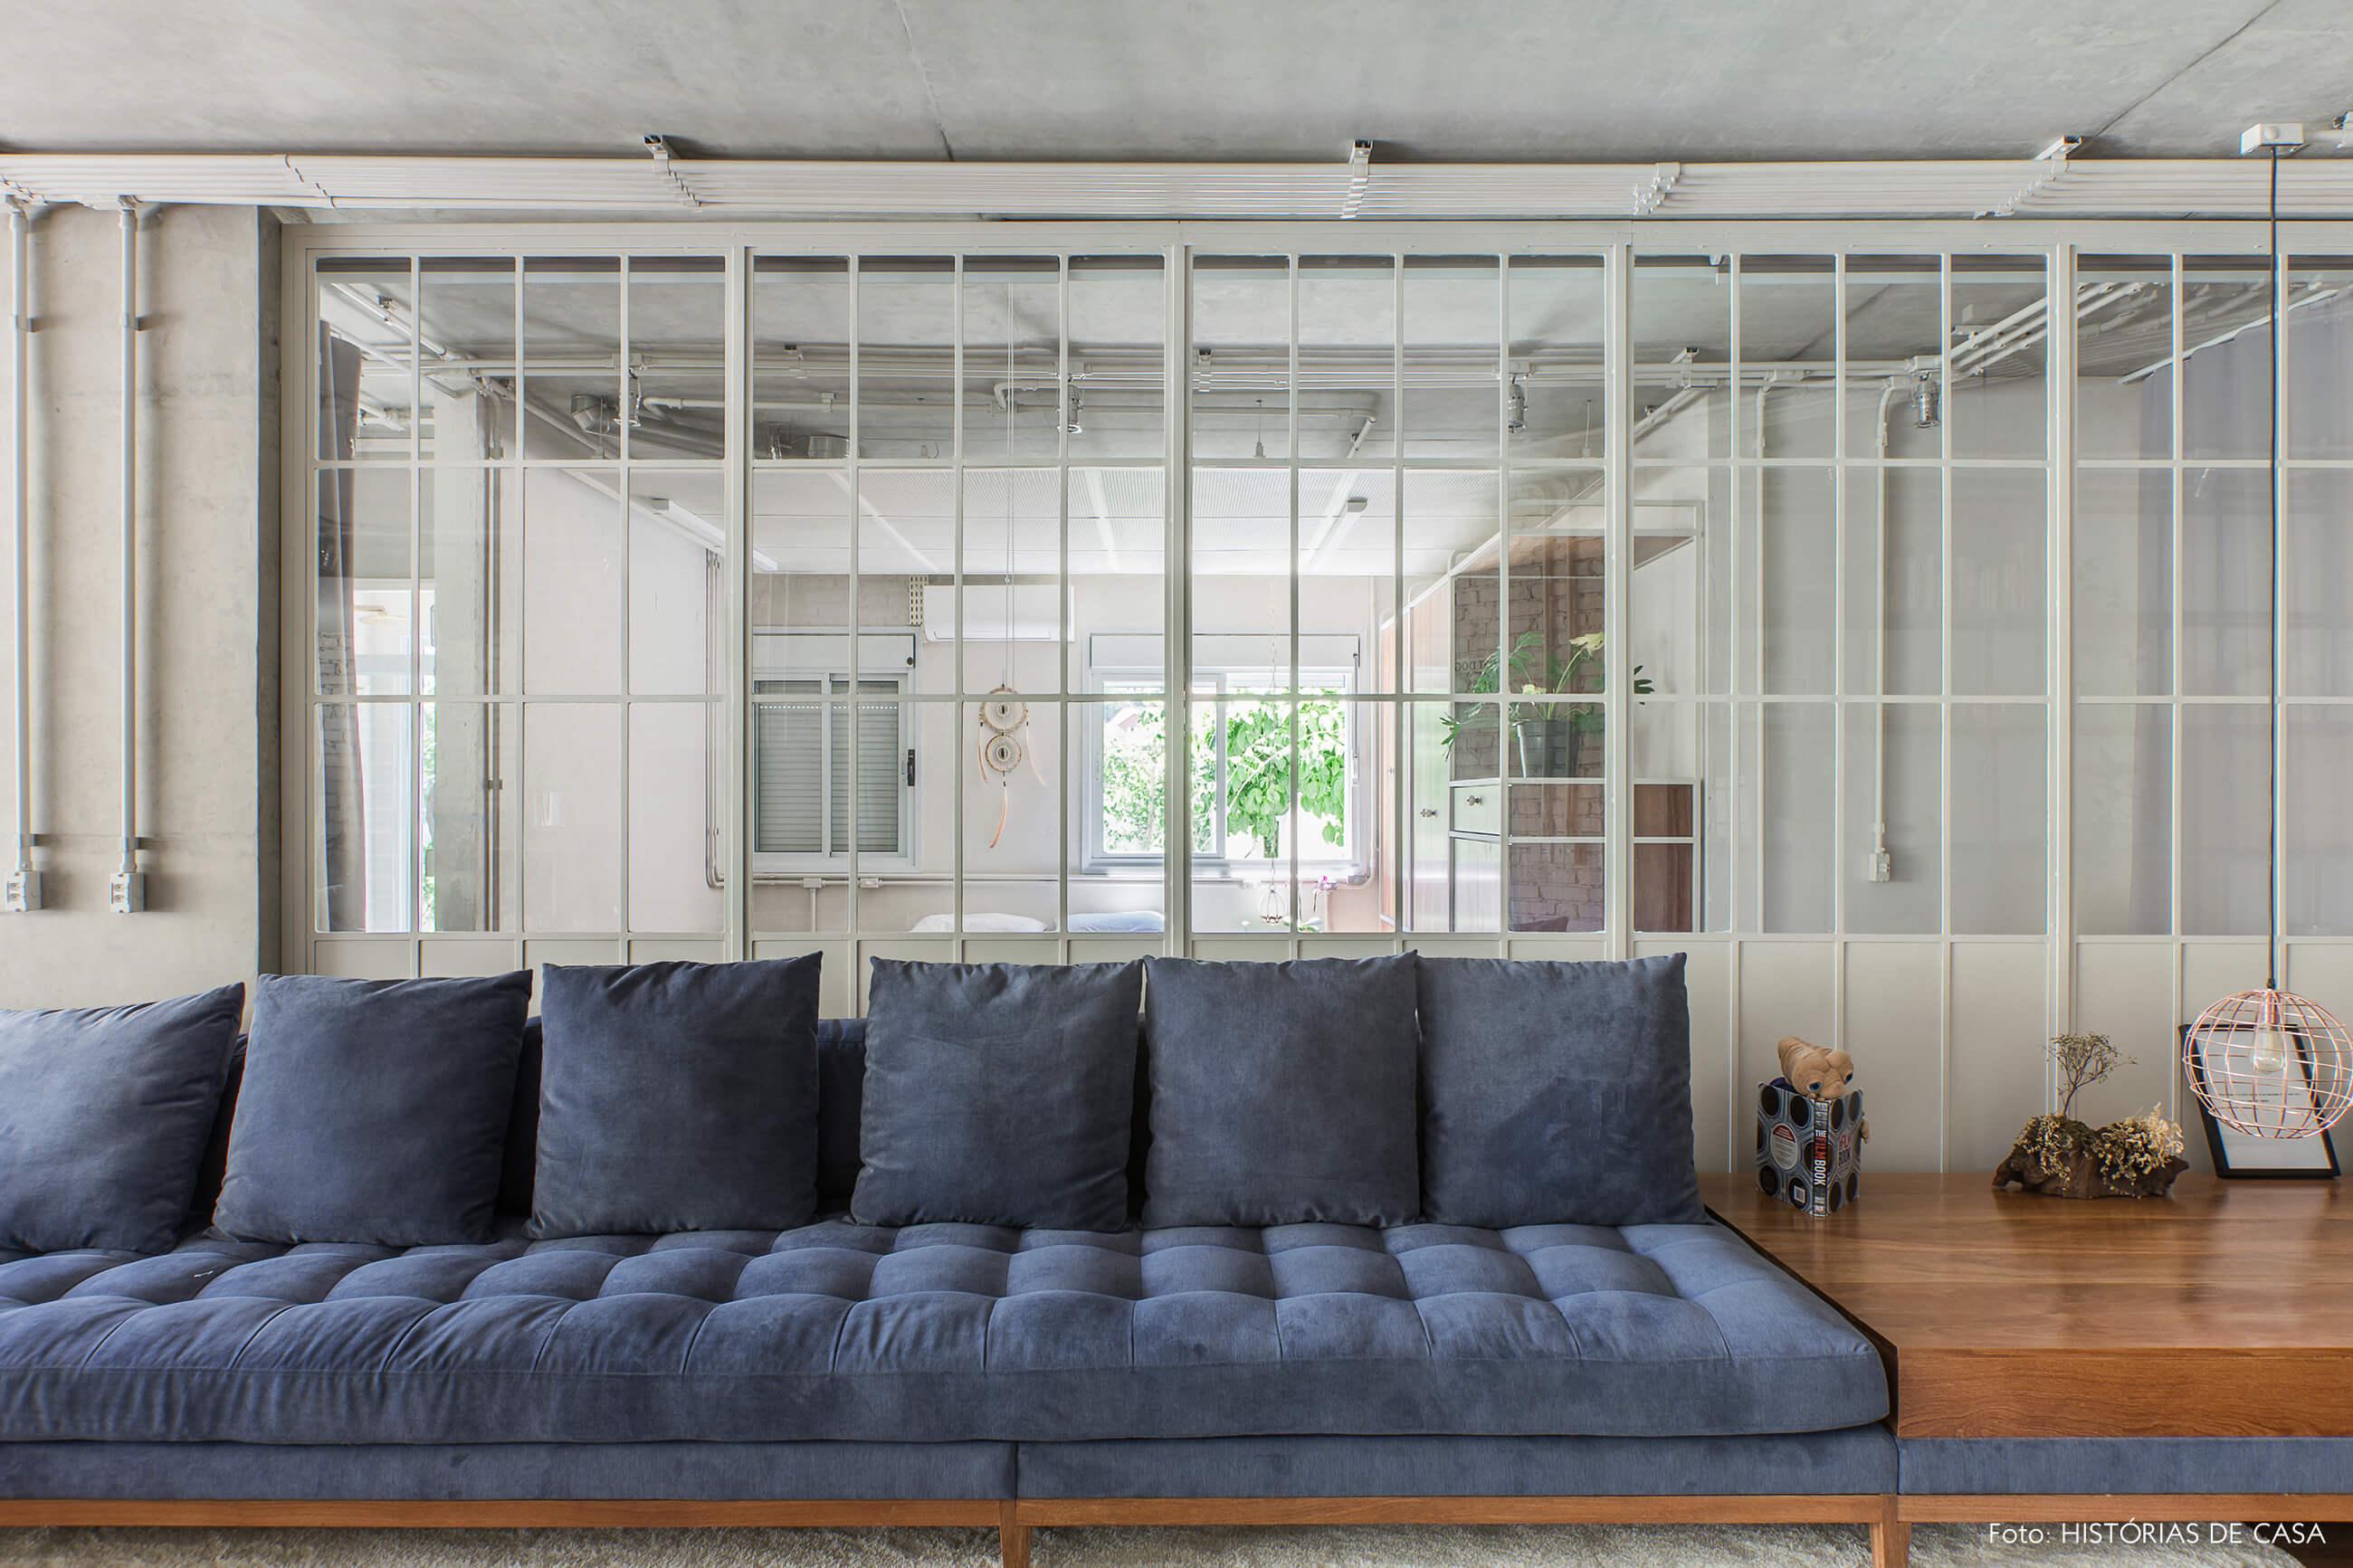 Apartamento com sala integrada e portas de serralheria e vidro